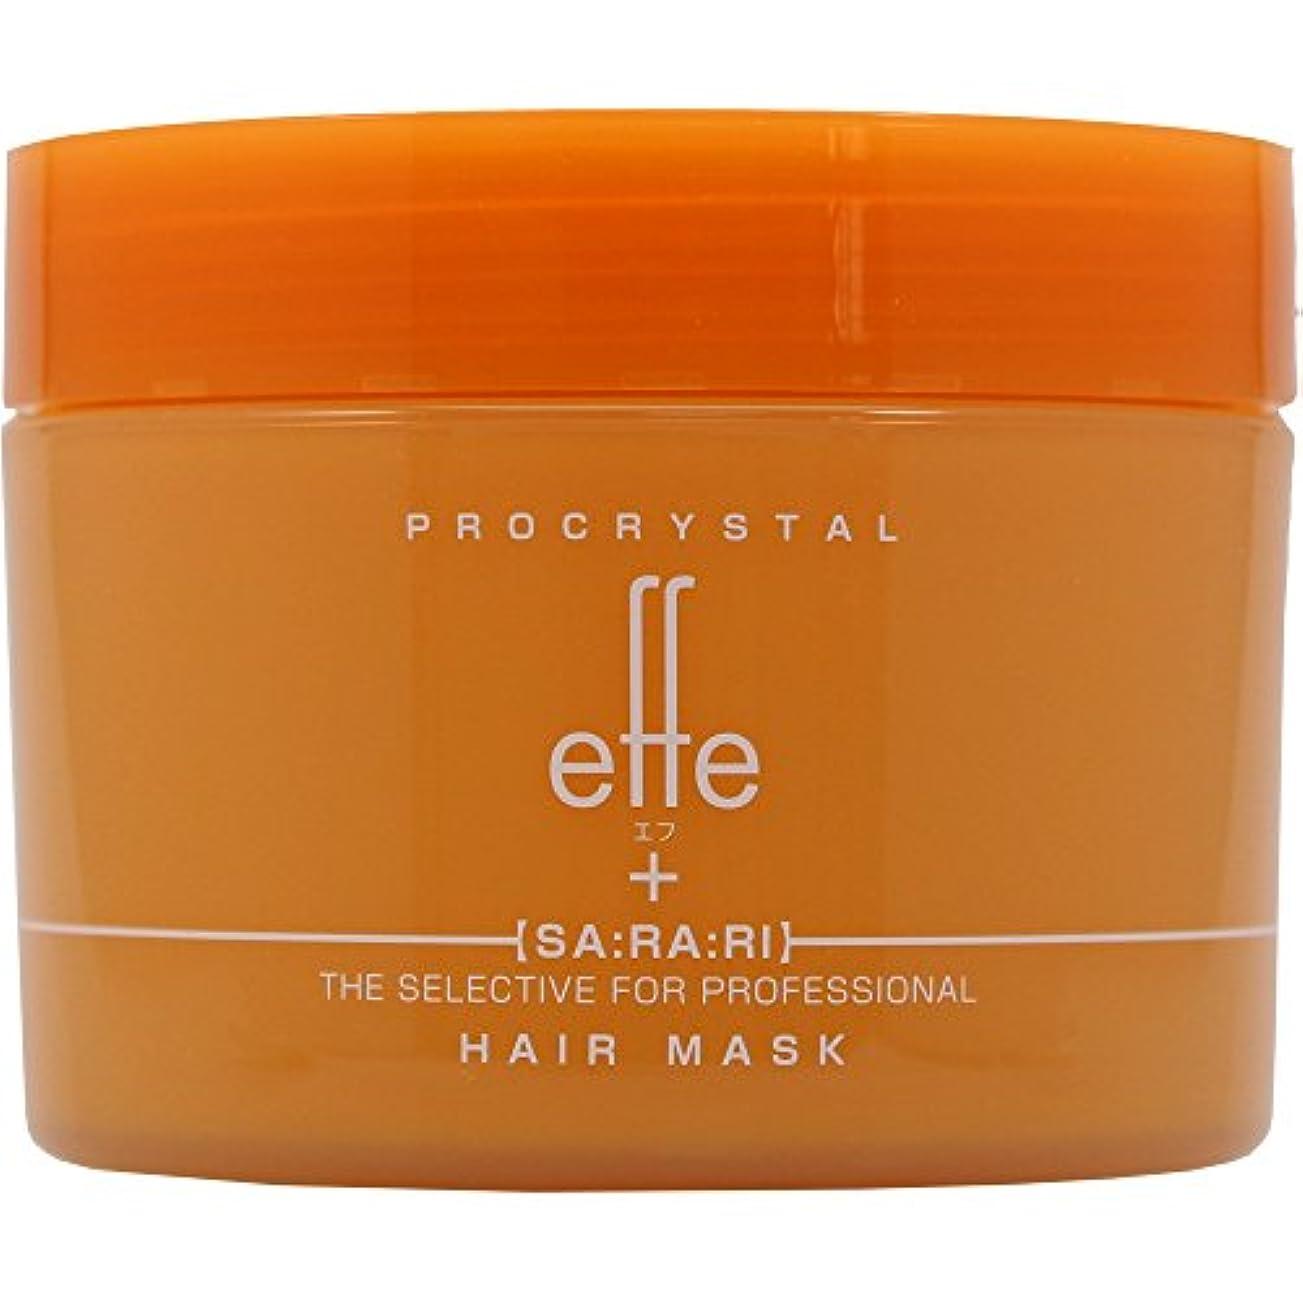 エロチックかけるクラウドアペティート化粧品 プロクリスタル effe (エフ) ヘアマスク さらり200g